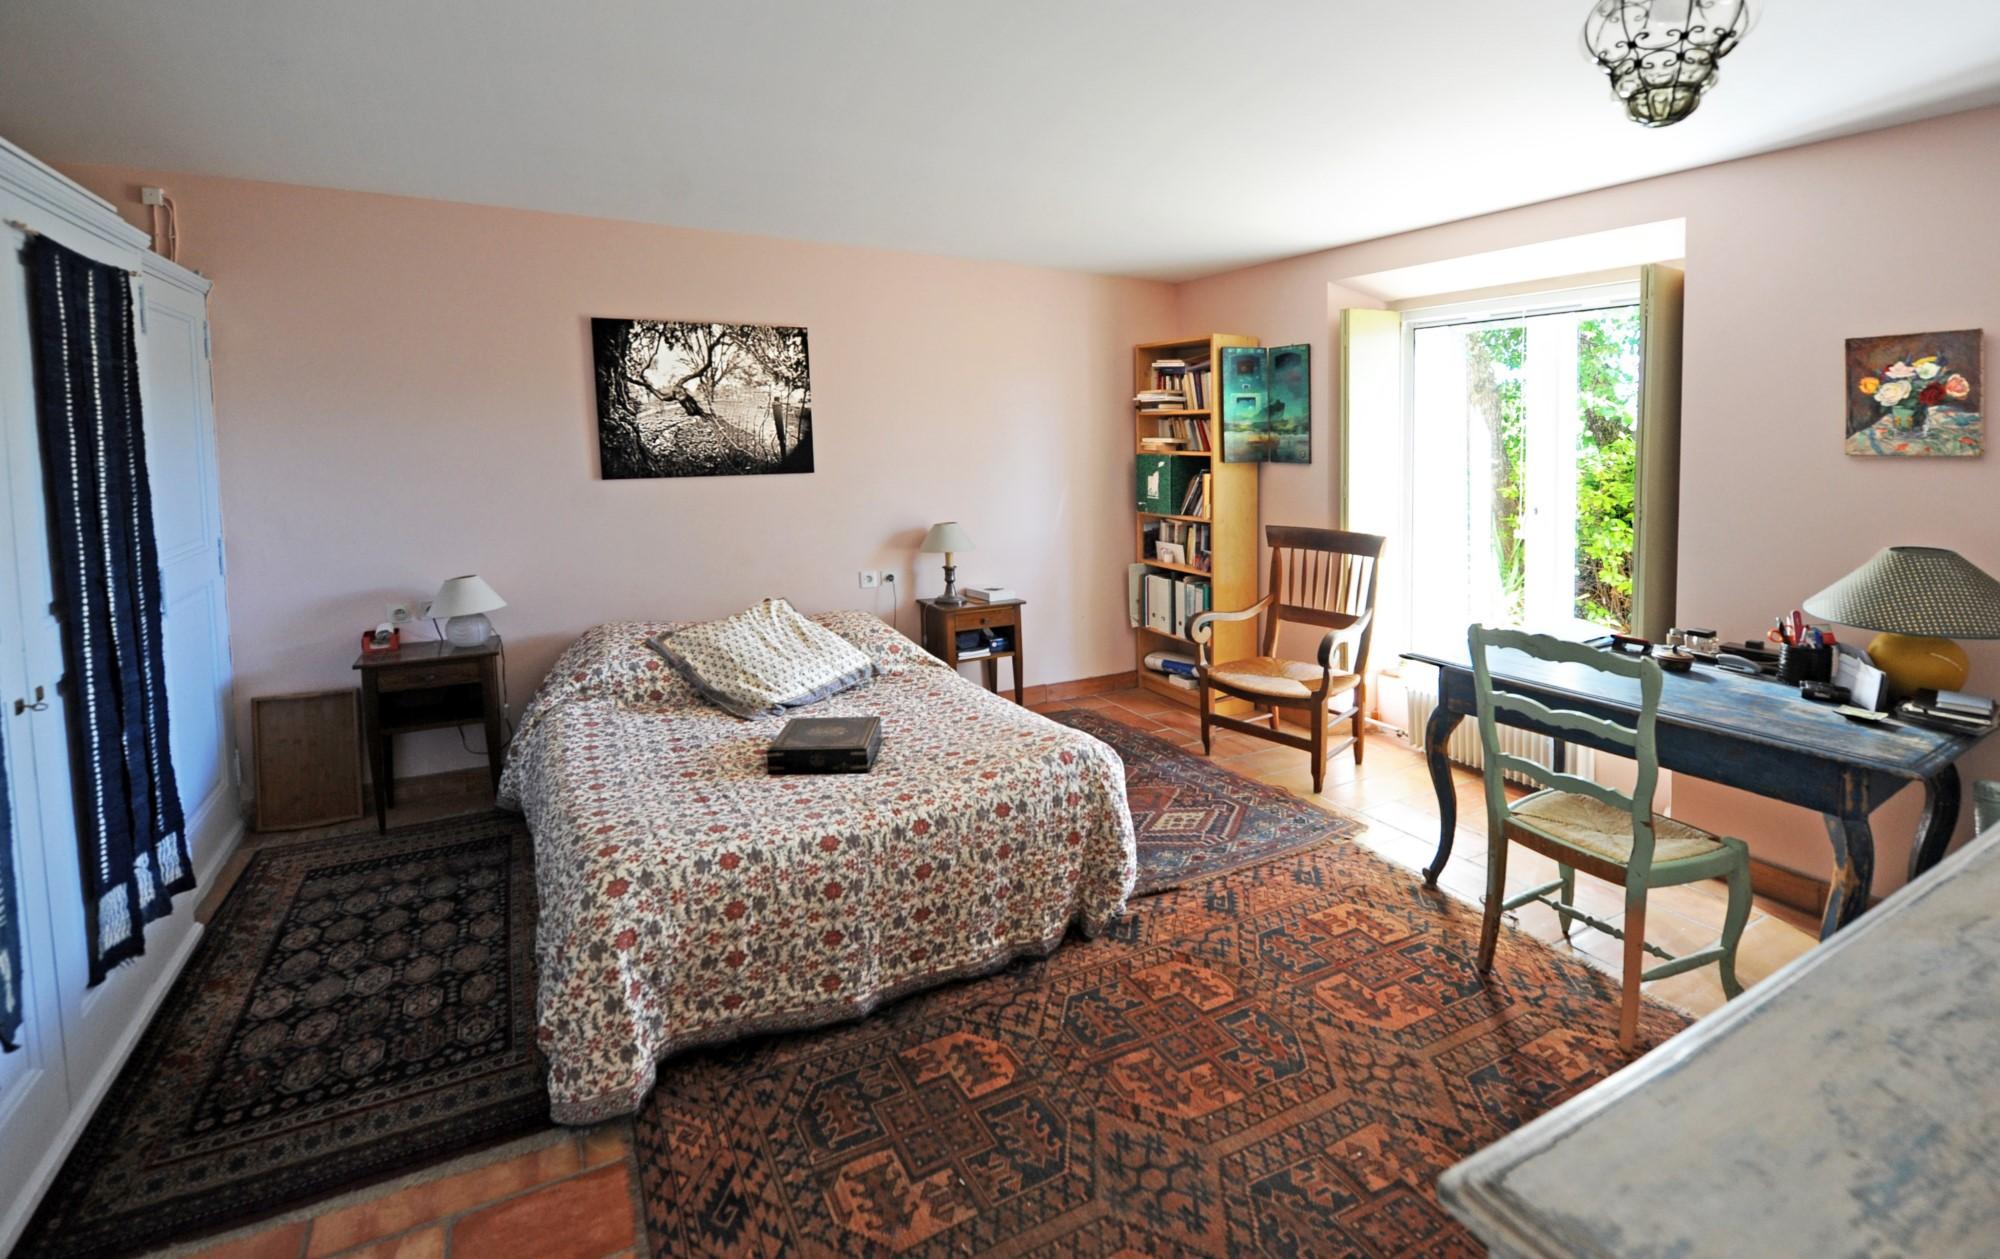 A vendre dans le Luberon, maison de village avec vues sur 2500 m² de terrain